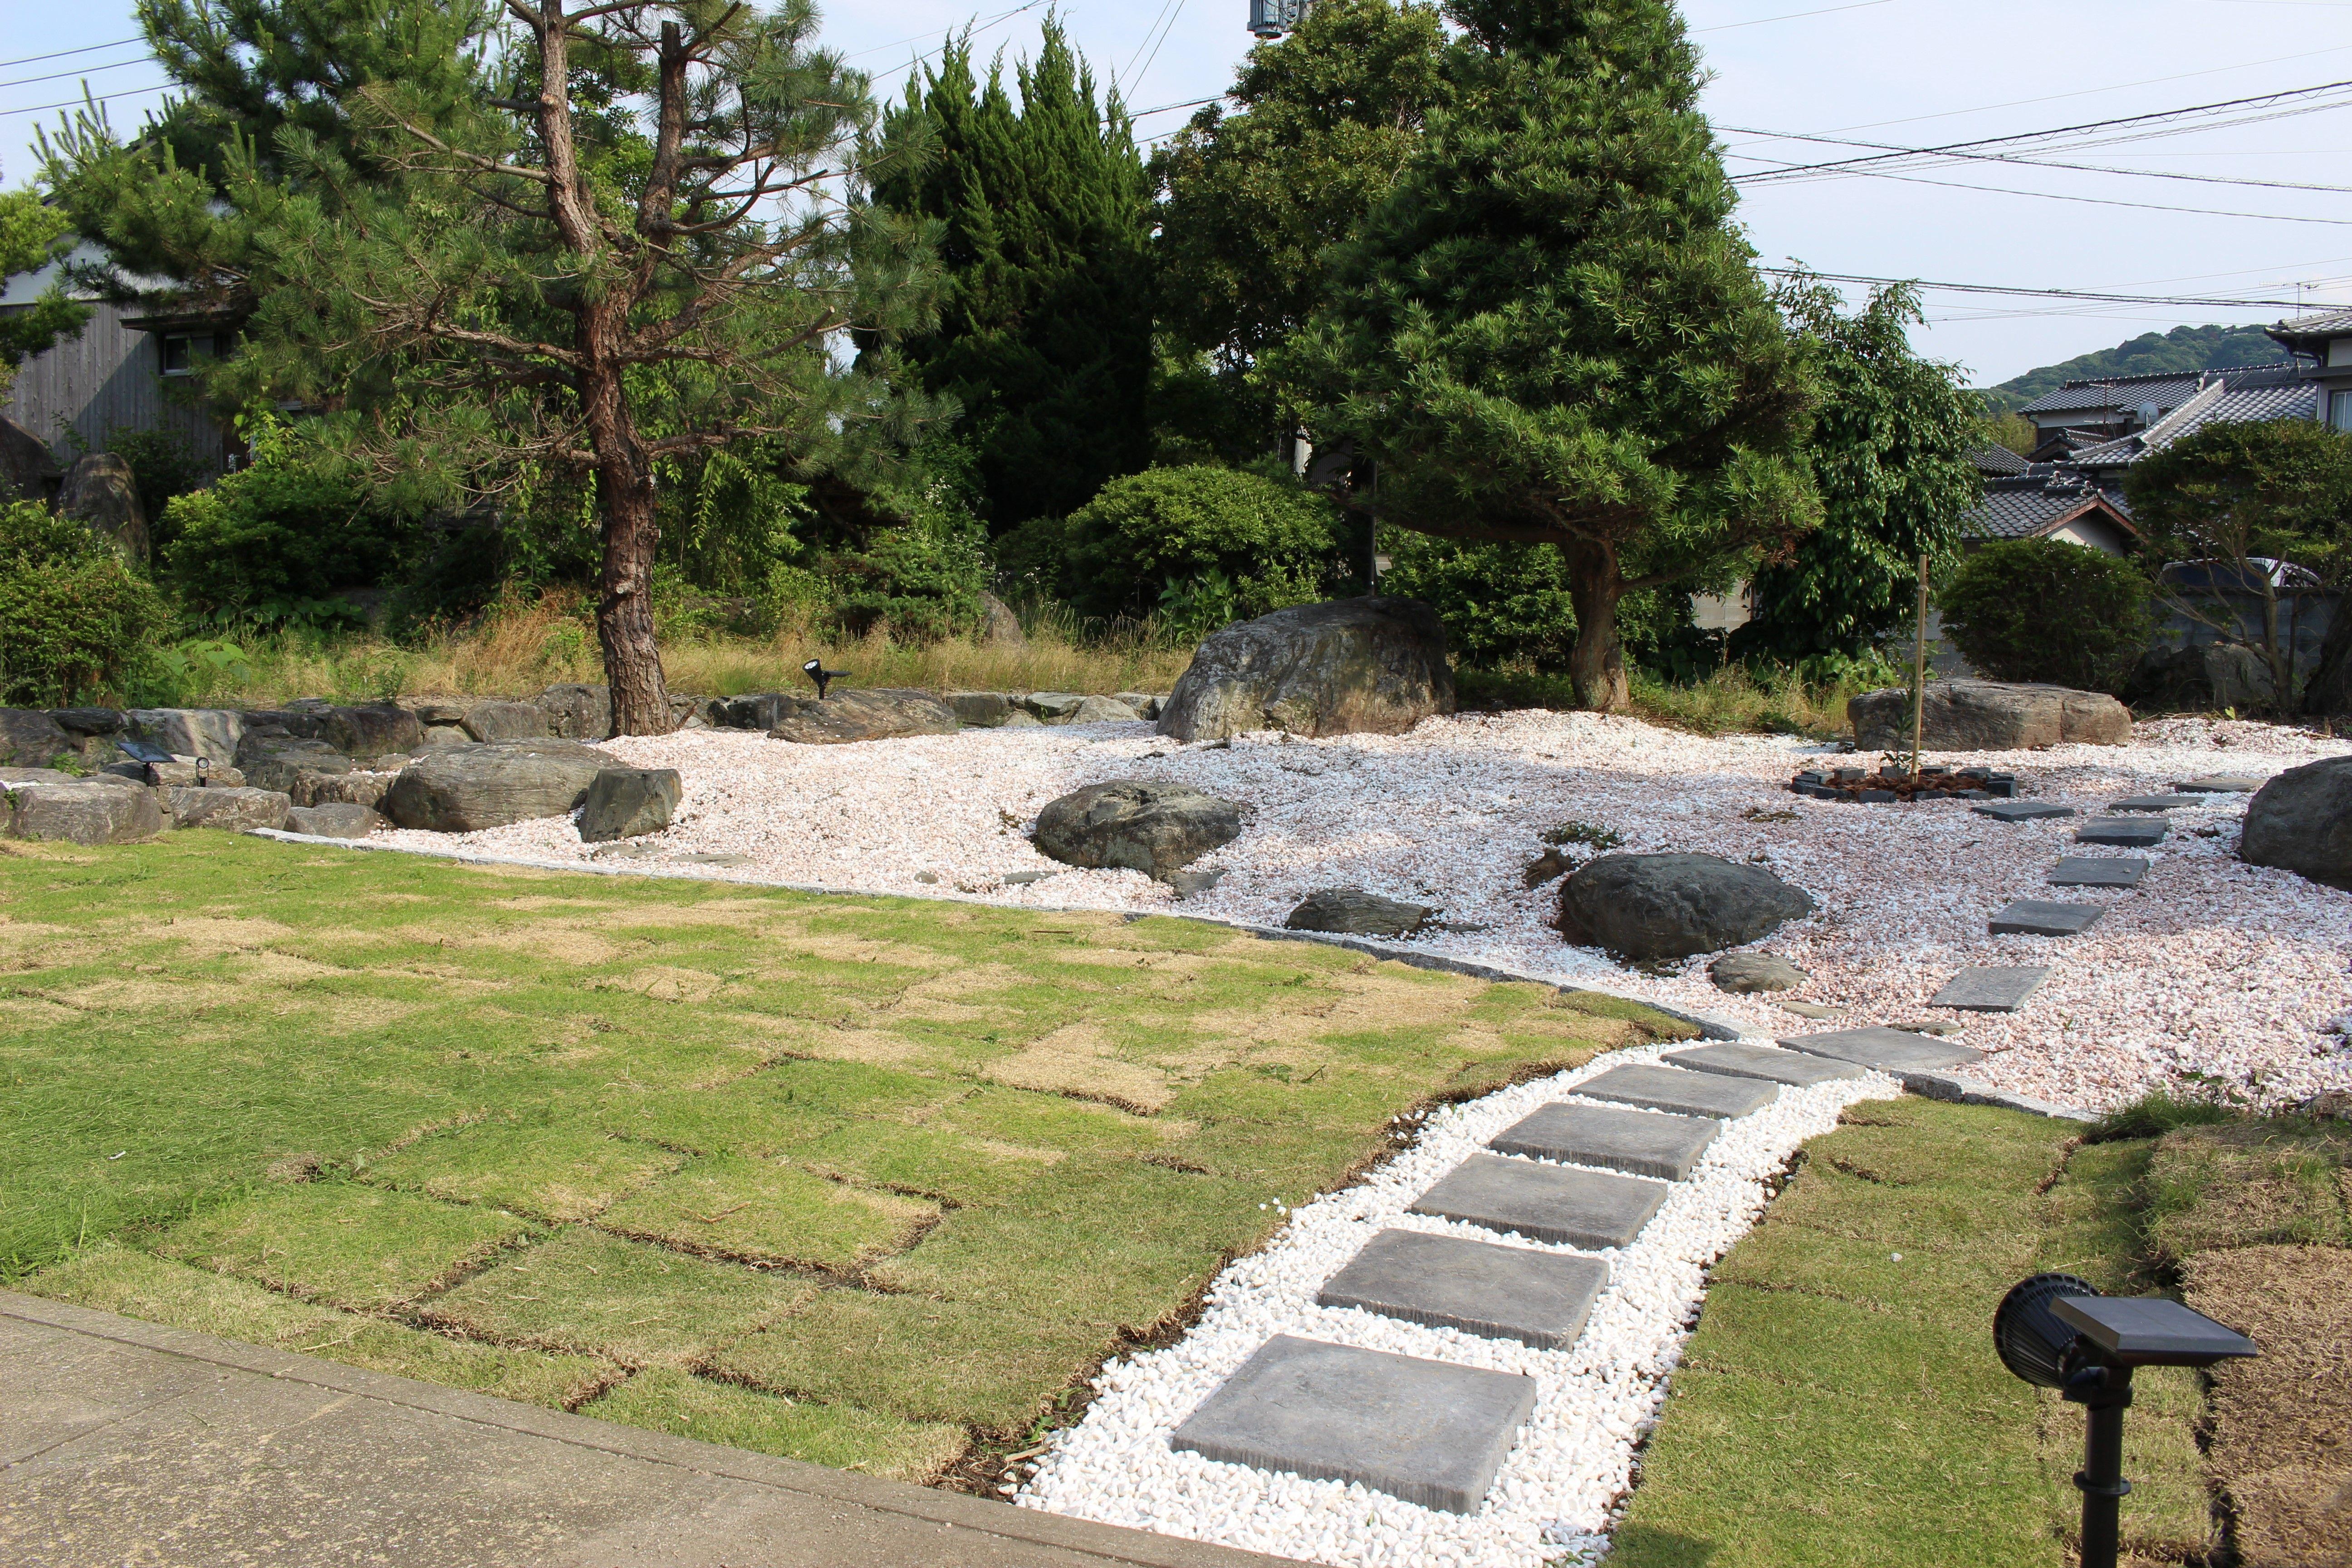 Diyで庭造り 荒れた雑草と木々を伐採し芝生と砂利で日本庭園風に Vol